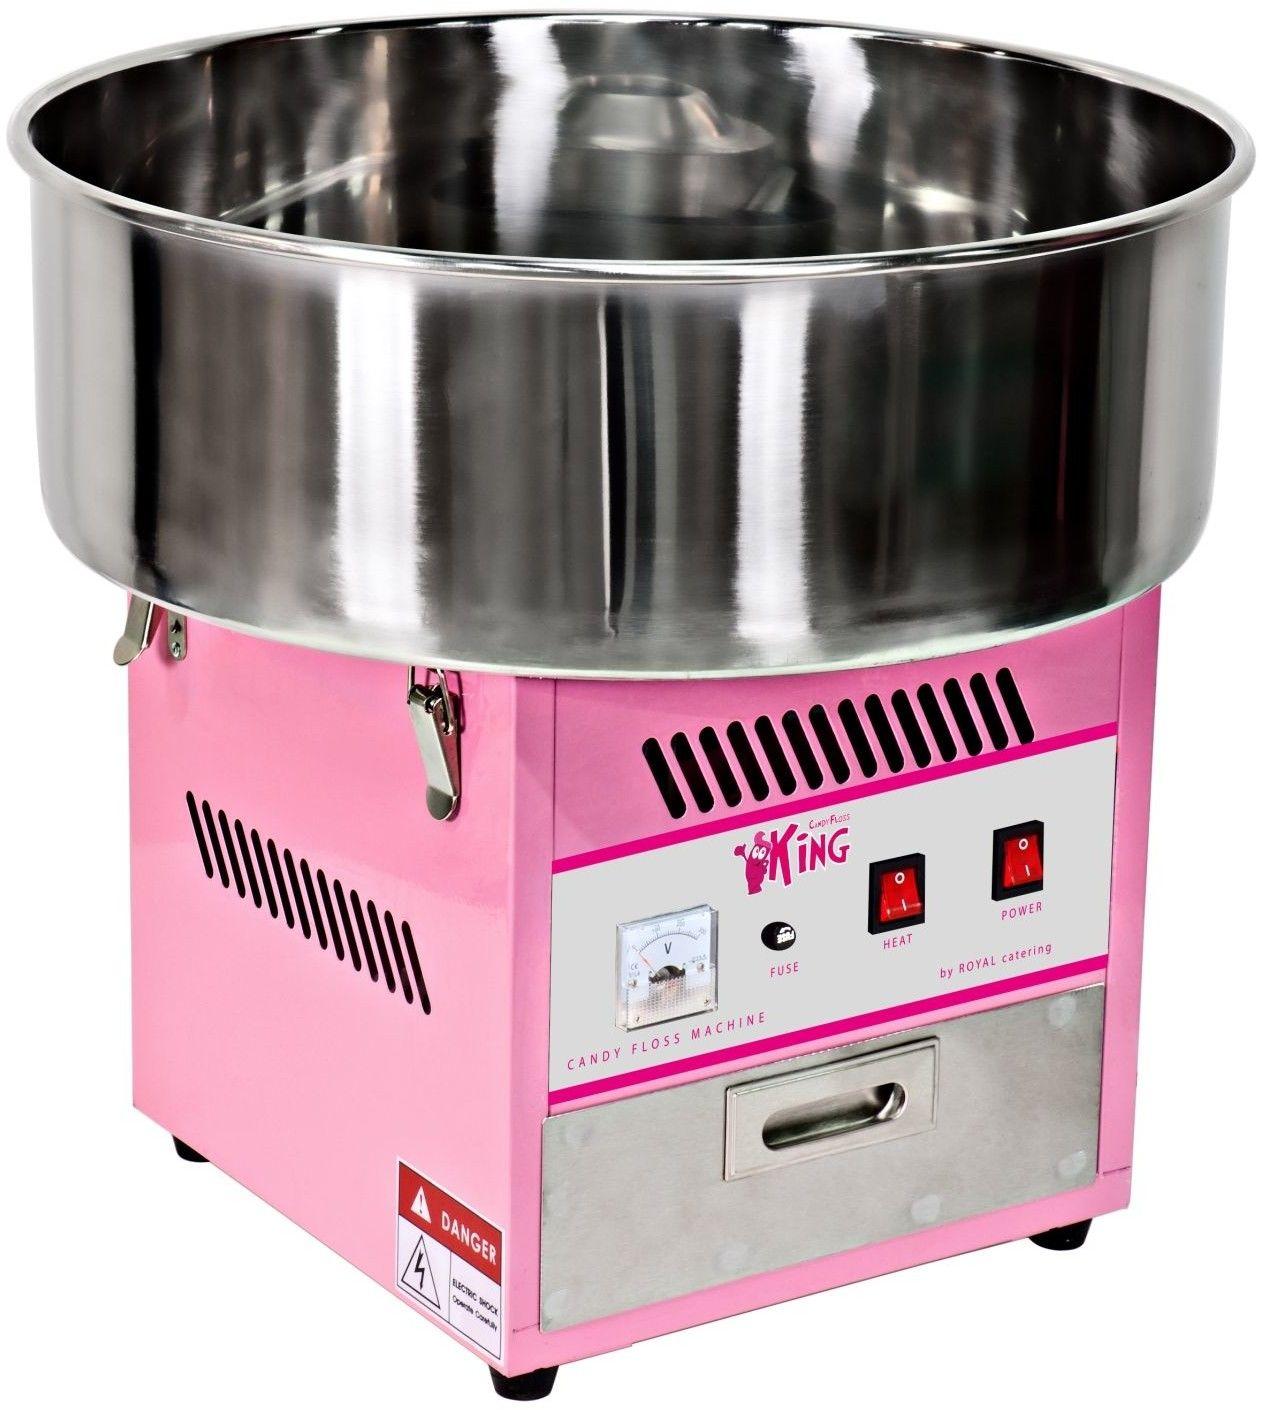 Maszyna do waty cukrowej - 52 cm - Royal Catering - RCZK-1200-W - 3 lata gwarancji/wysyłka w 24h